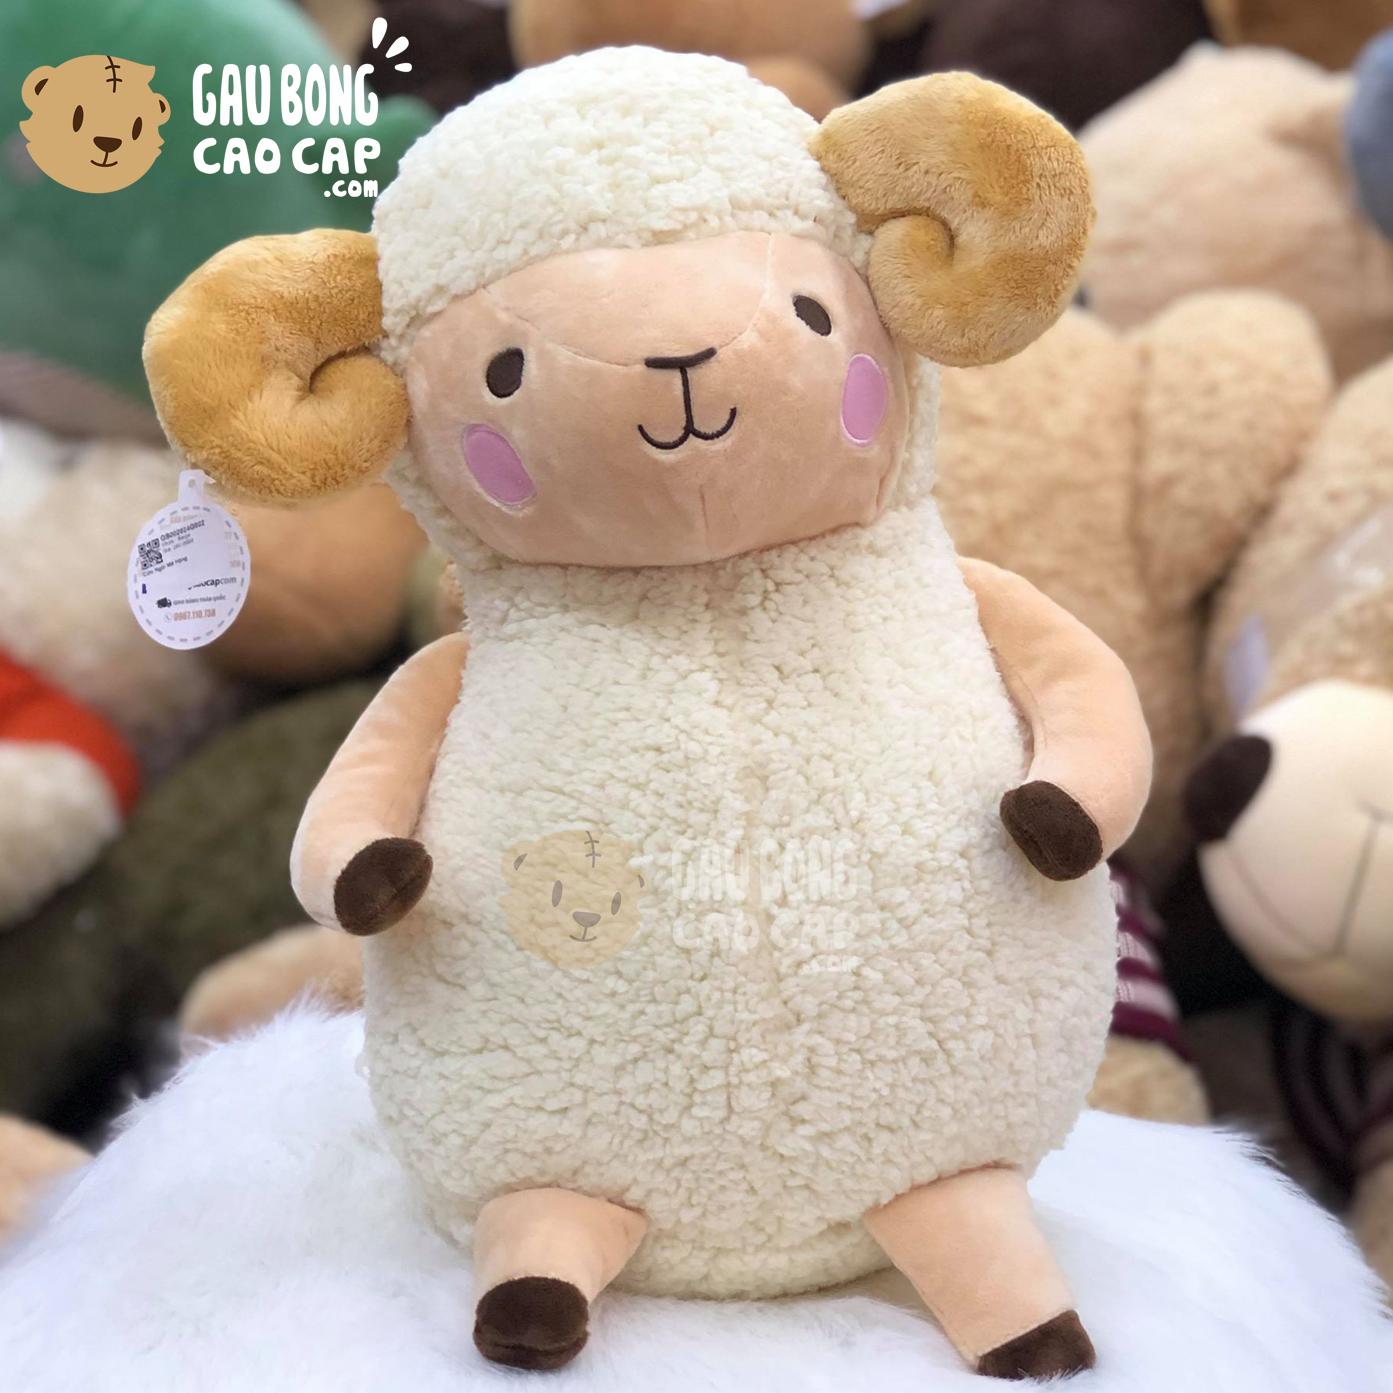 Cừu Bông má hồng - Màu Trắng